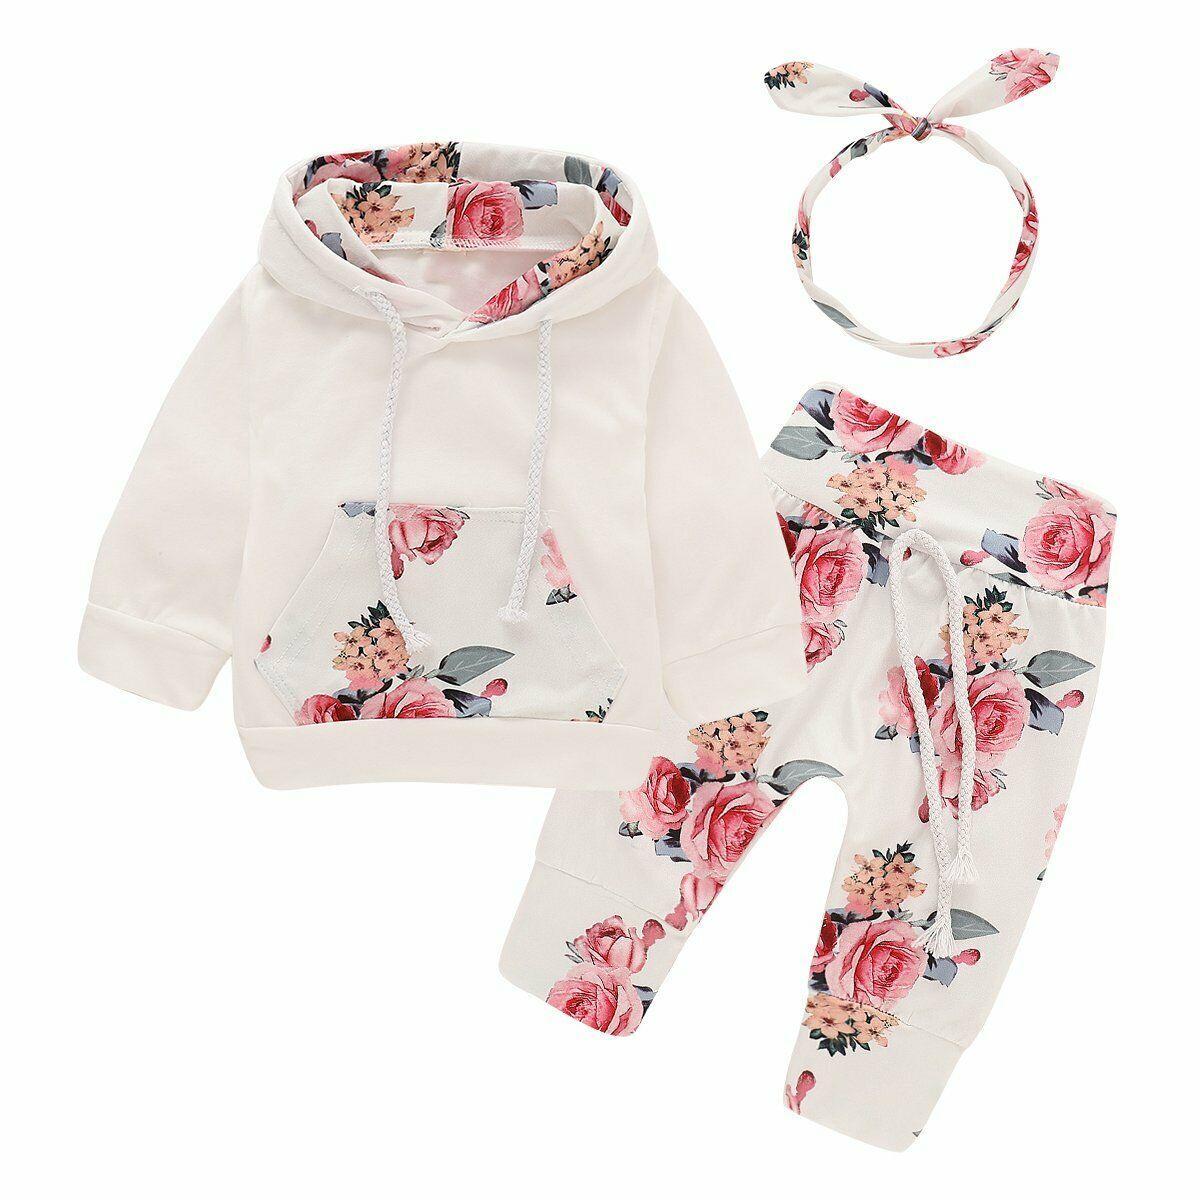 3Pcs nouveau-né Infant Baby Girl Tenues automne Haut à Capuche Floral pantalon vêtements Set